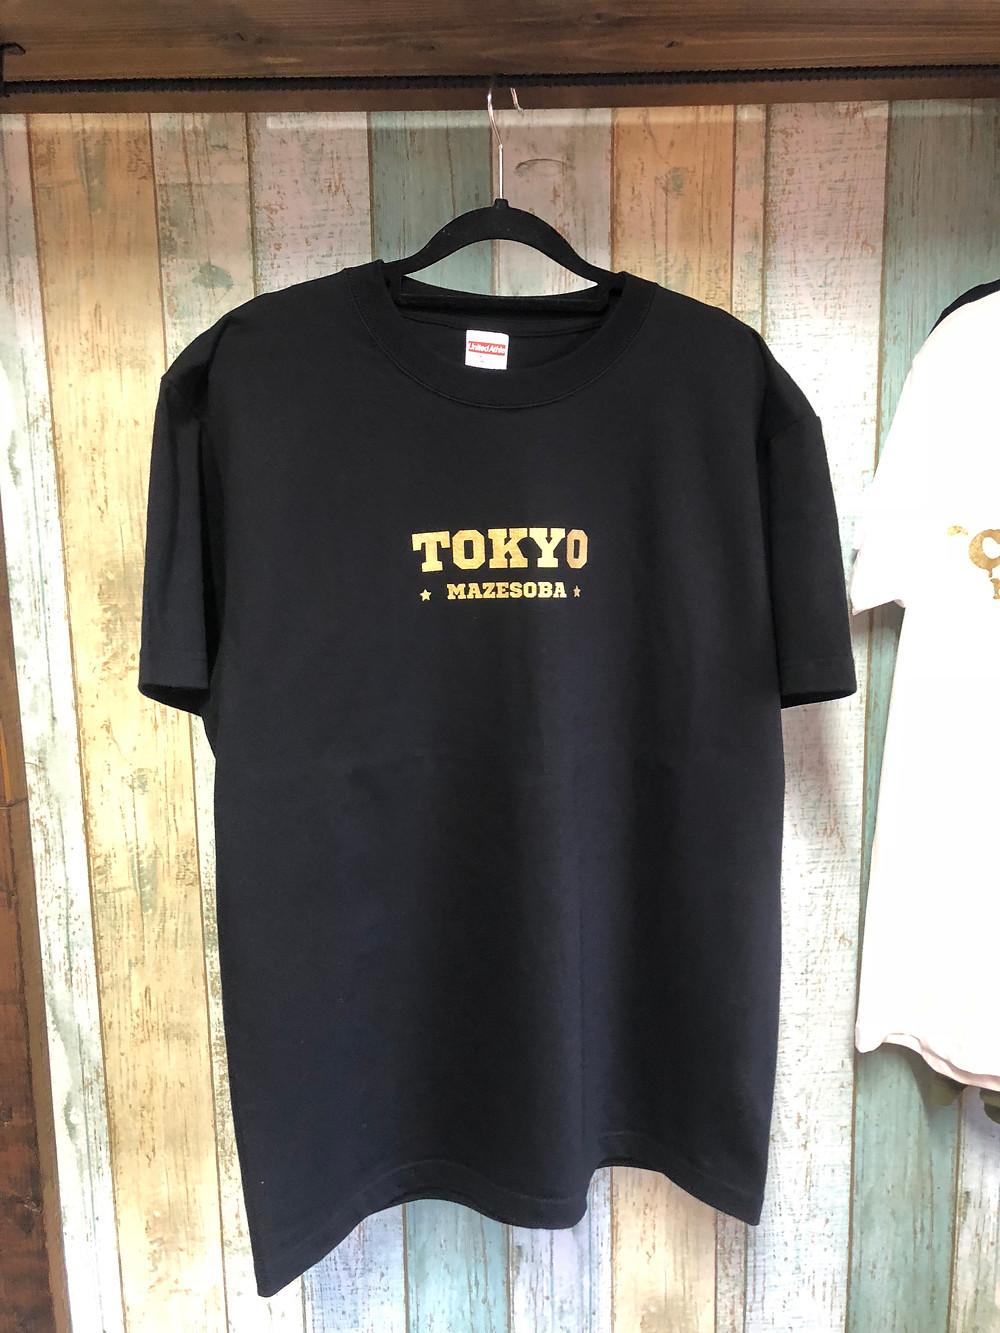 黒いTシャツゴールド印刷